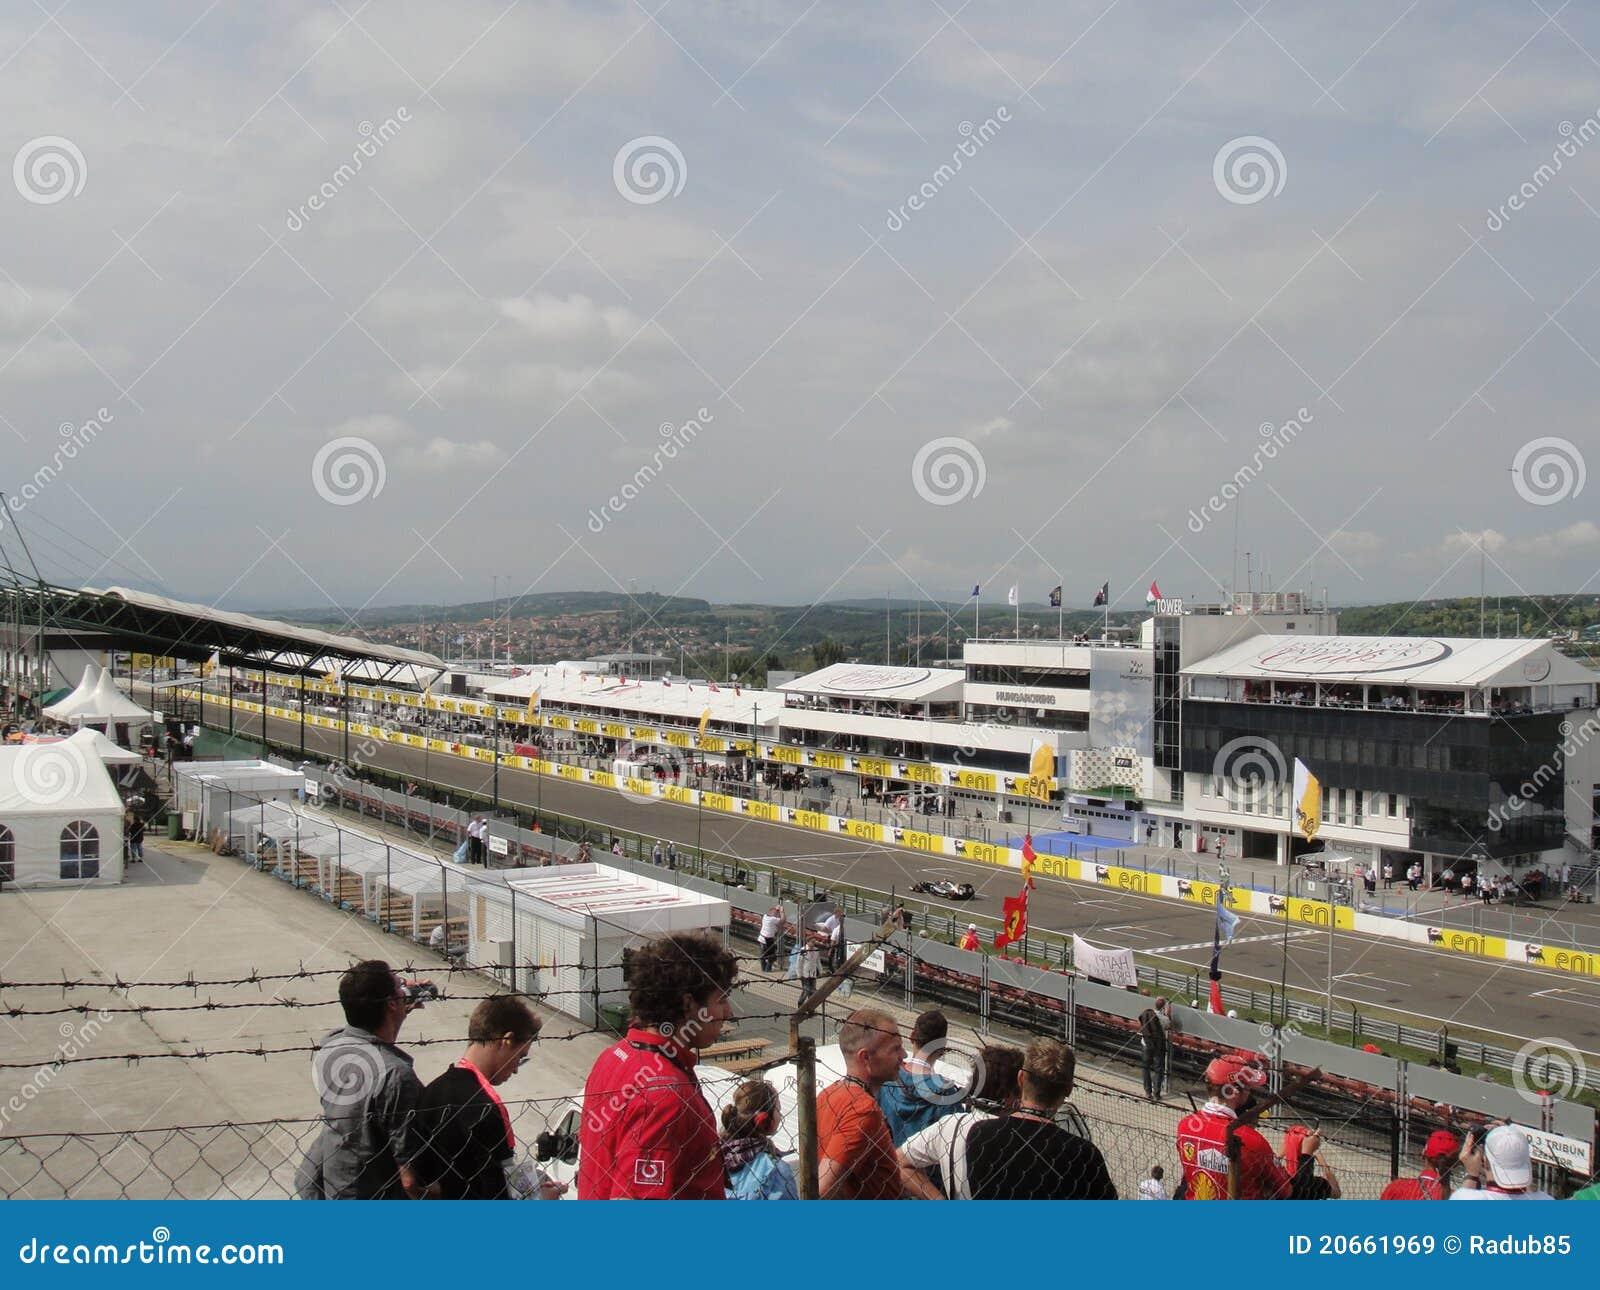 Circuito Ungheria : Circuito f1 immagine stock editoriale. immagine di circuito 20661969